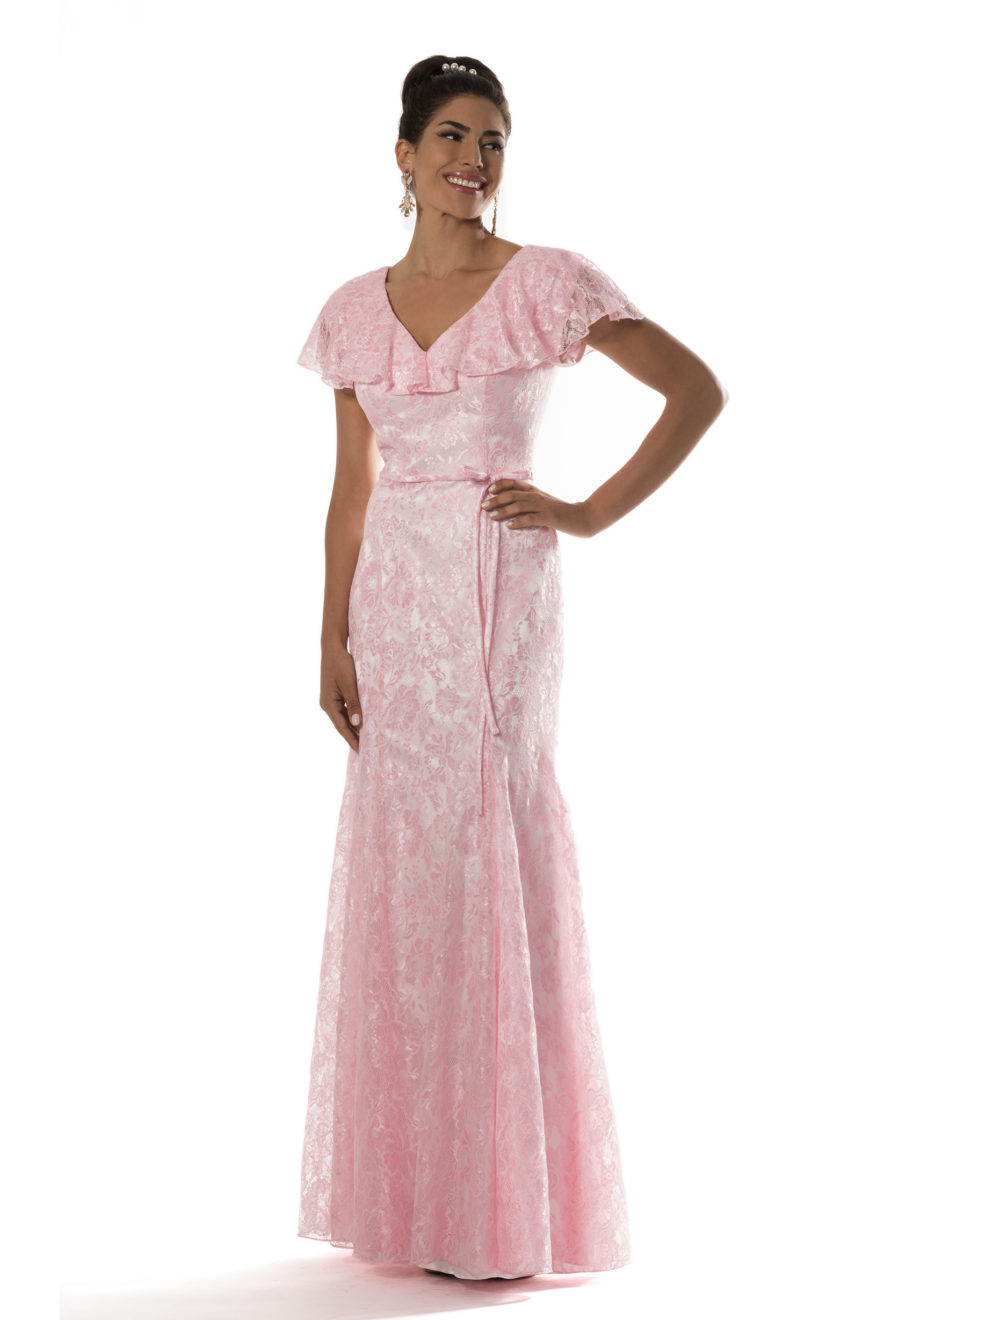 Rosa de Encaje Vintage Sirena Modestos Vestidos de Dama de 2017 Con ...